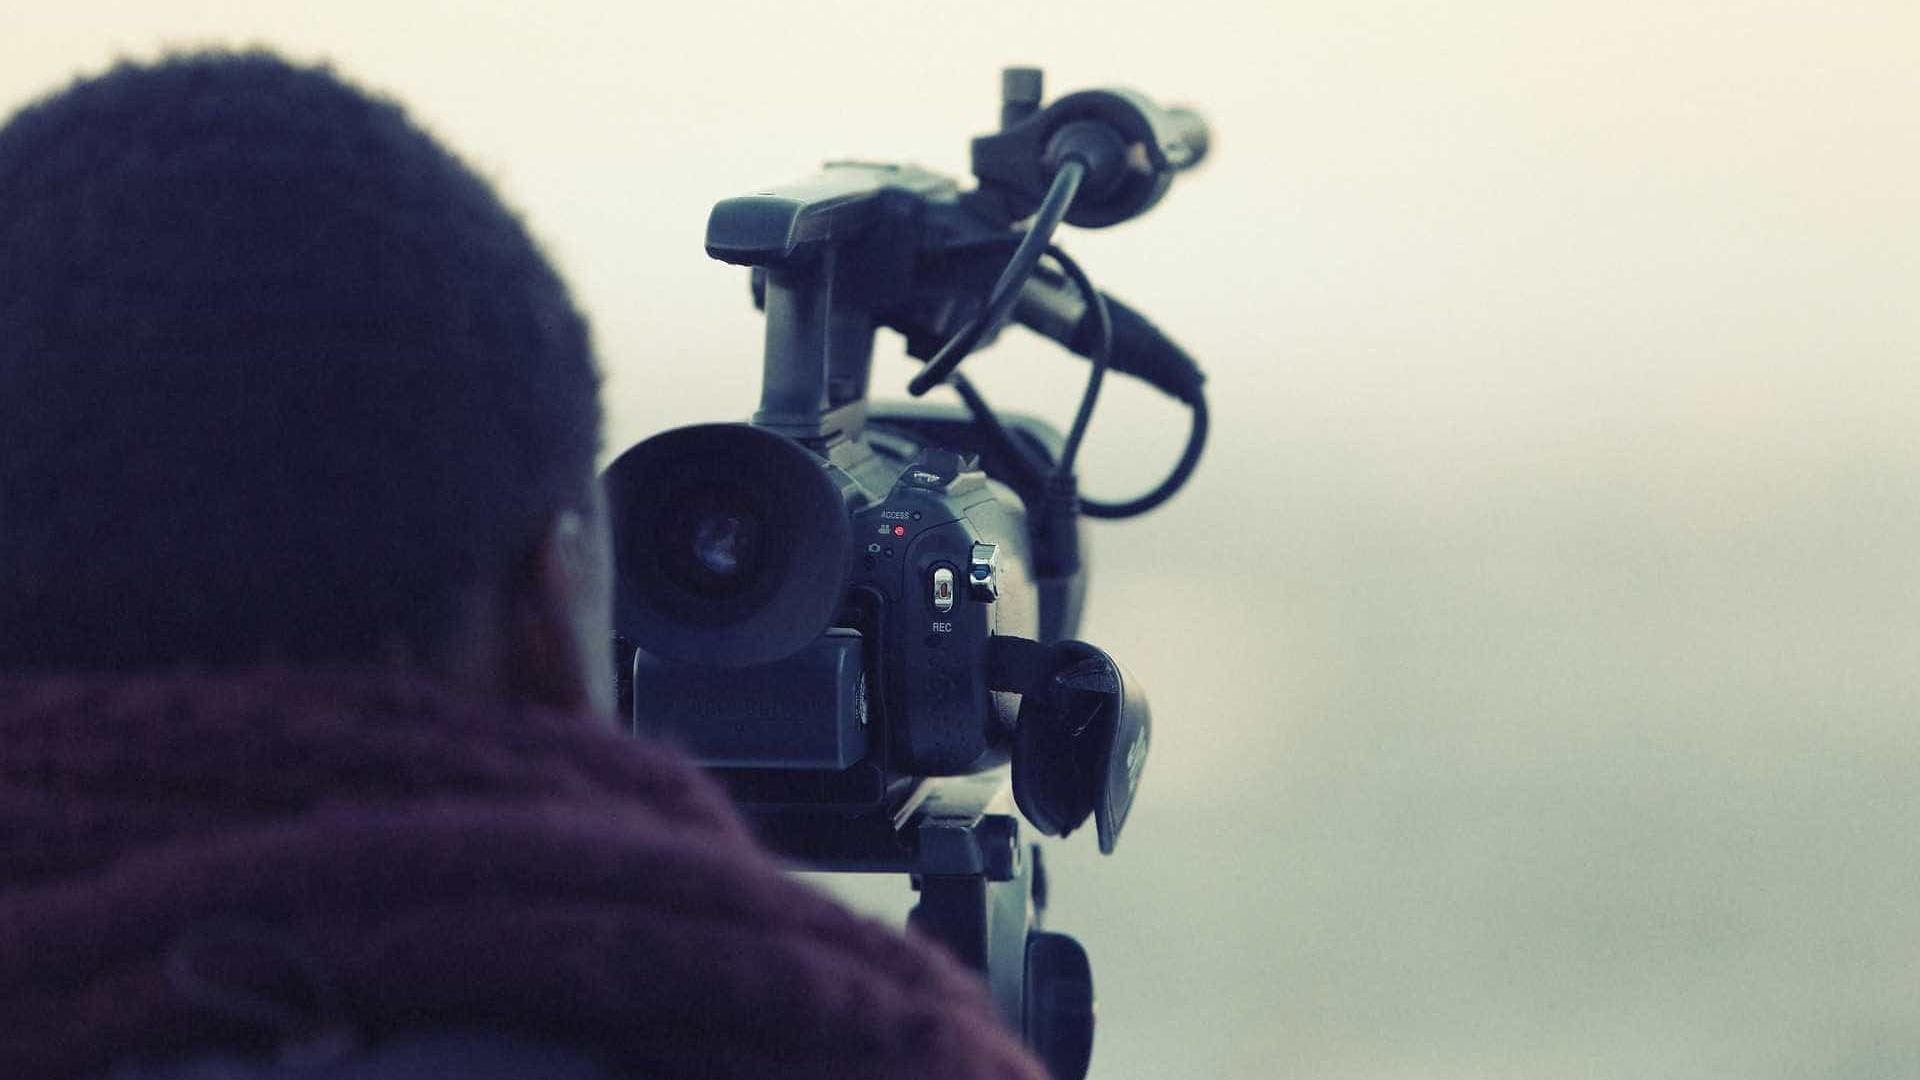 Jornalista de TV é agredido e furtado em apuração em escola